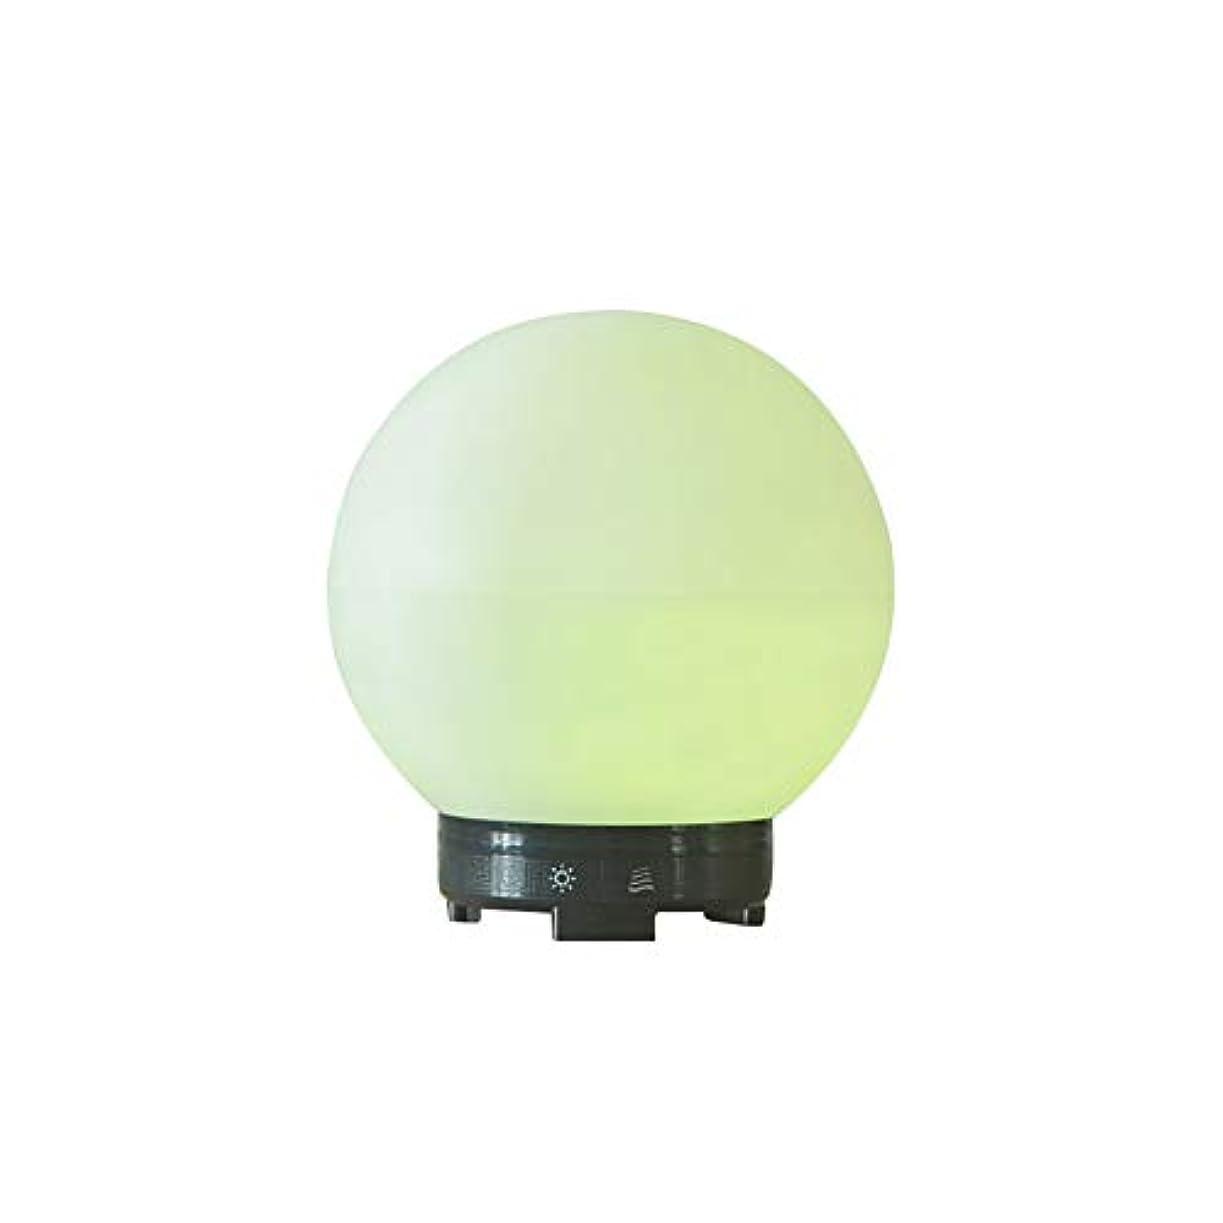 監督する気候鉱夫エッセンシャルオイルディフューザーと加湿器、ミストエッセンシャルオイルアロマ加湿器用の超音波アロマディフューザー、7色LEDライト